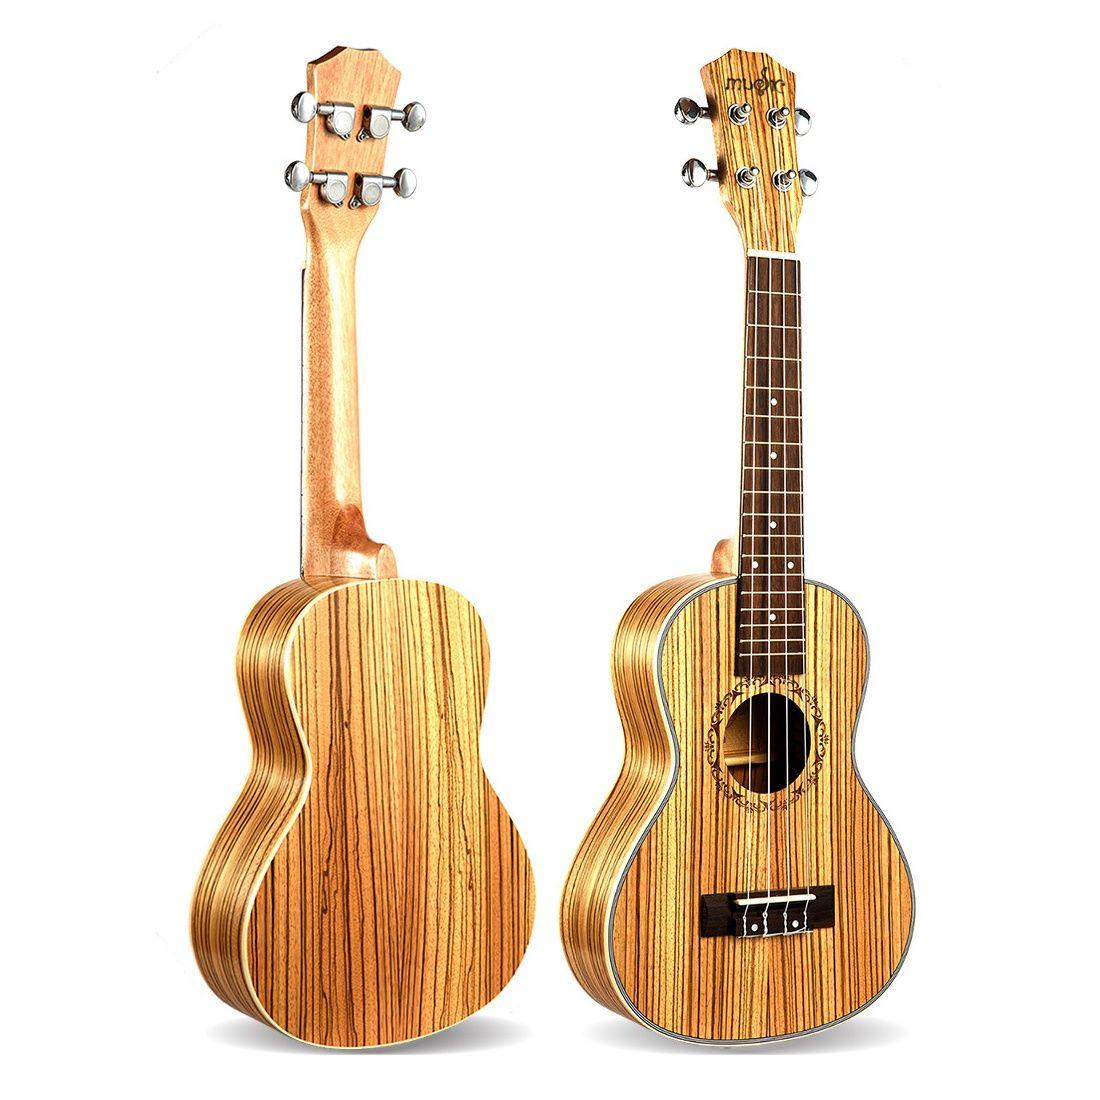 Concierto de Ukelele de 23 pulgadas, 4 cuerdas Hawaiano Mini guitarra acústica guitarra Ukelele guitarra enviar regalos Musical instrumento de cuerda